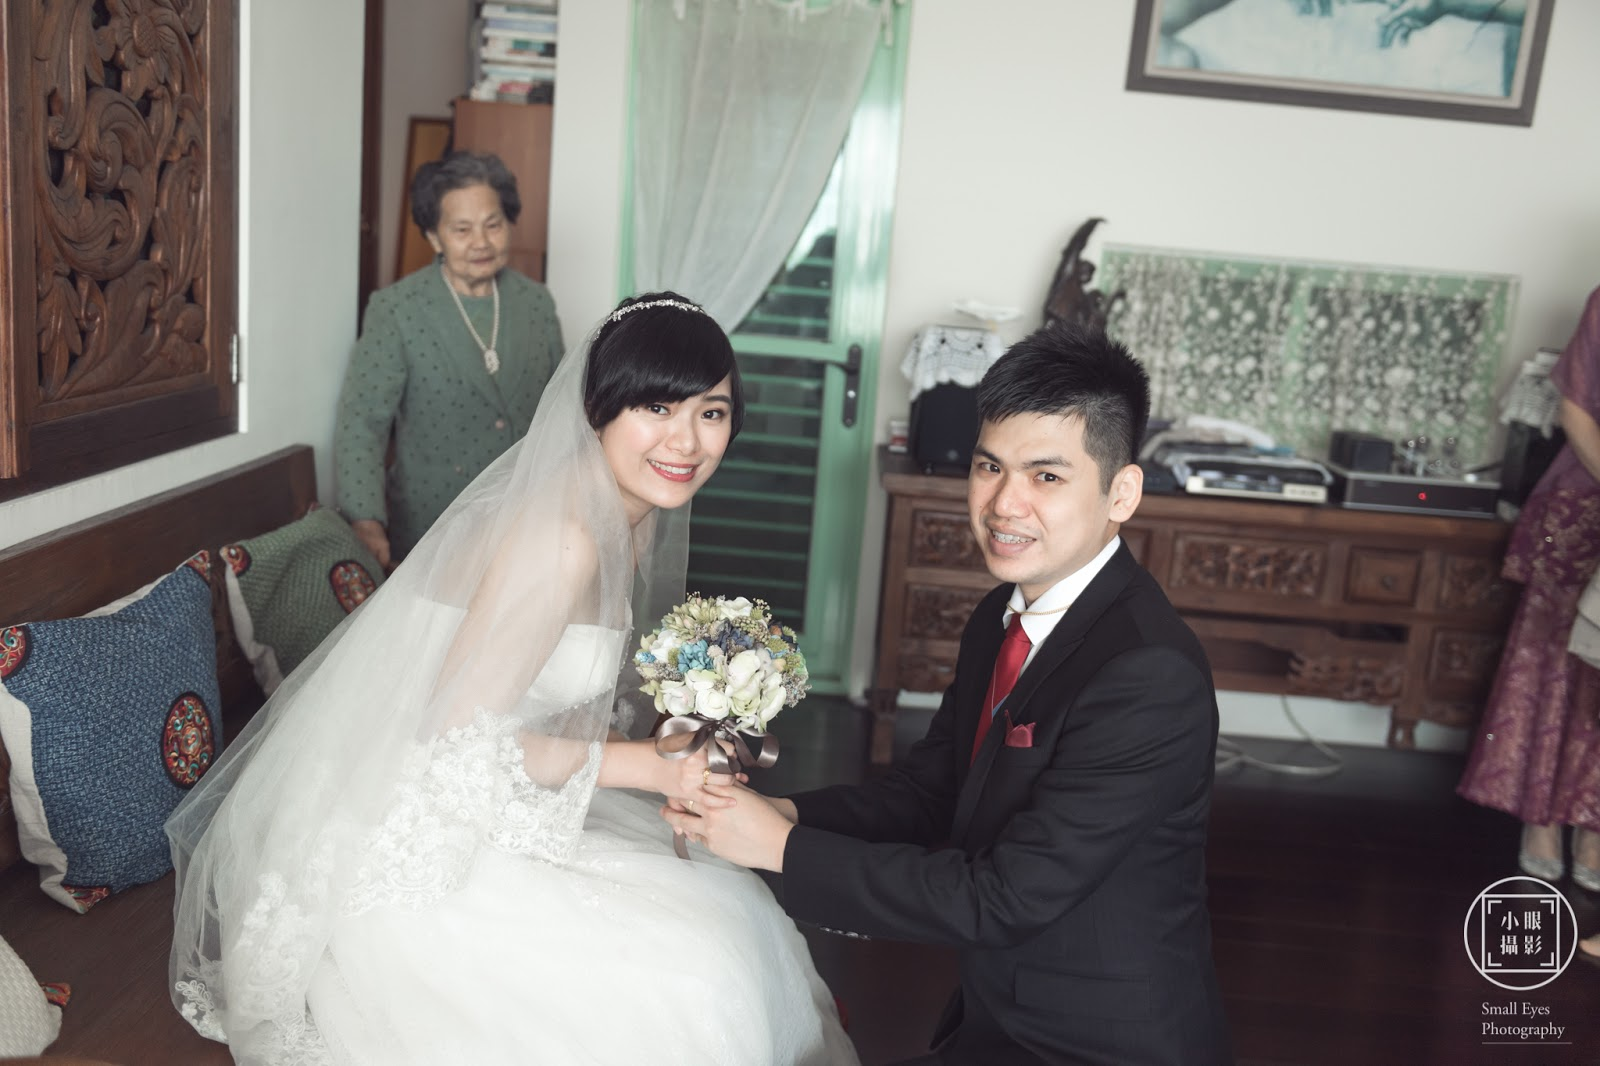 婚攝,小眼攝影,婚禮紀實,婚禮紀錄,婚紗,國內婚紗,海外婚紗,寫真,婚攝小眼,新竹,新秘guagua